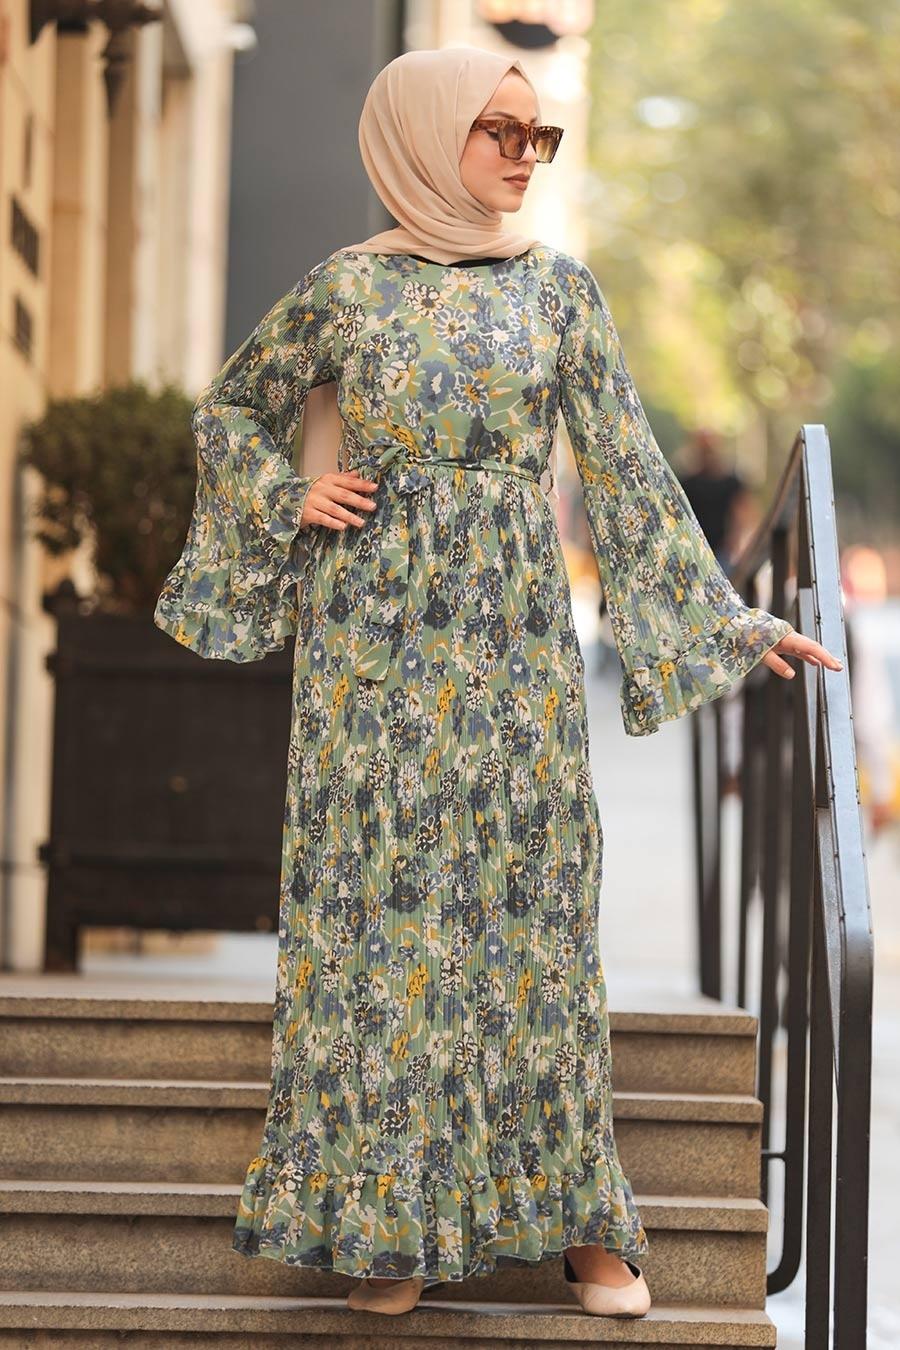 Neva Style - Volan Kol Desenli Çağla Yeşili Tesettür Elbise 2381CY